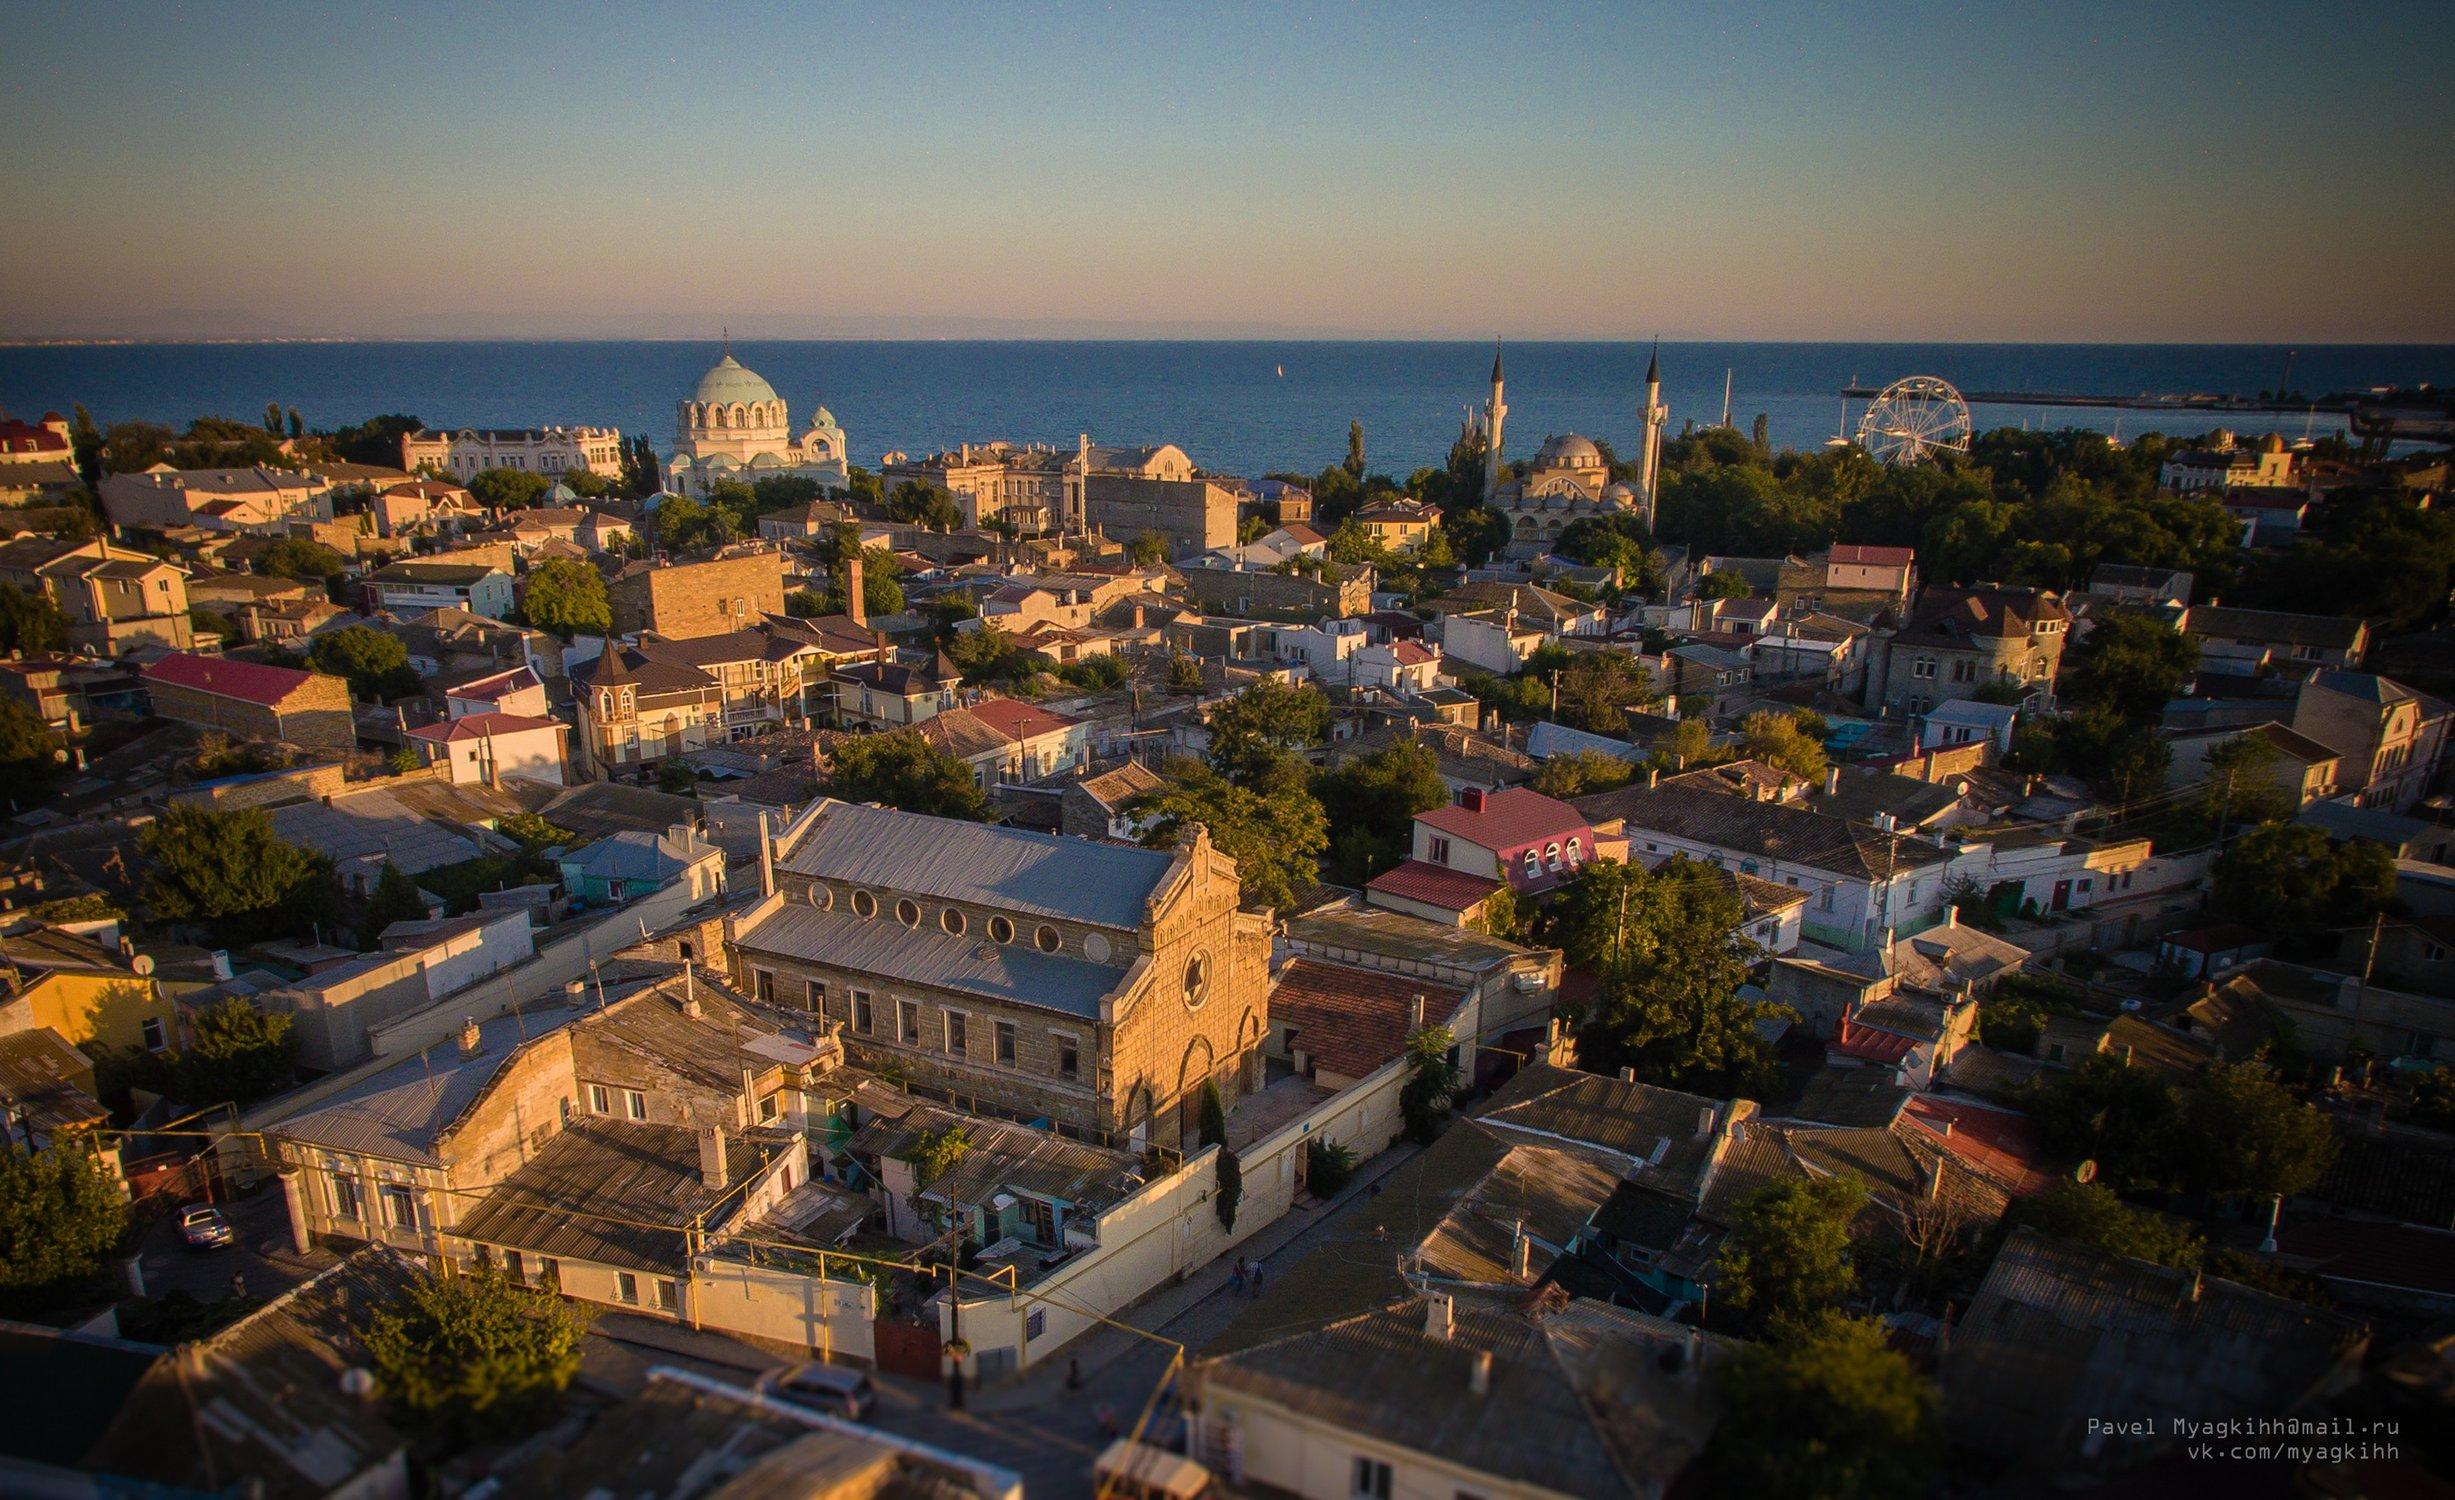 Экскурсии в Крыму - Евпатория